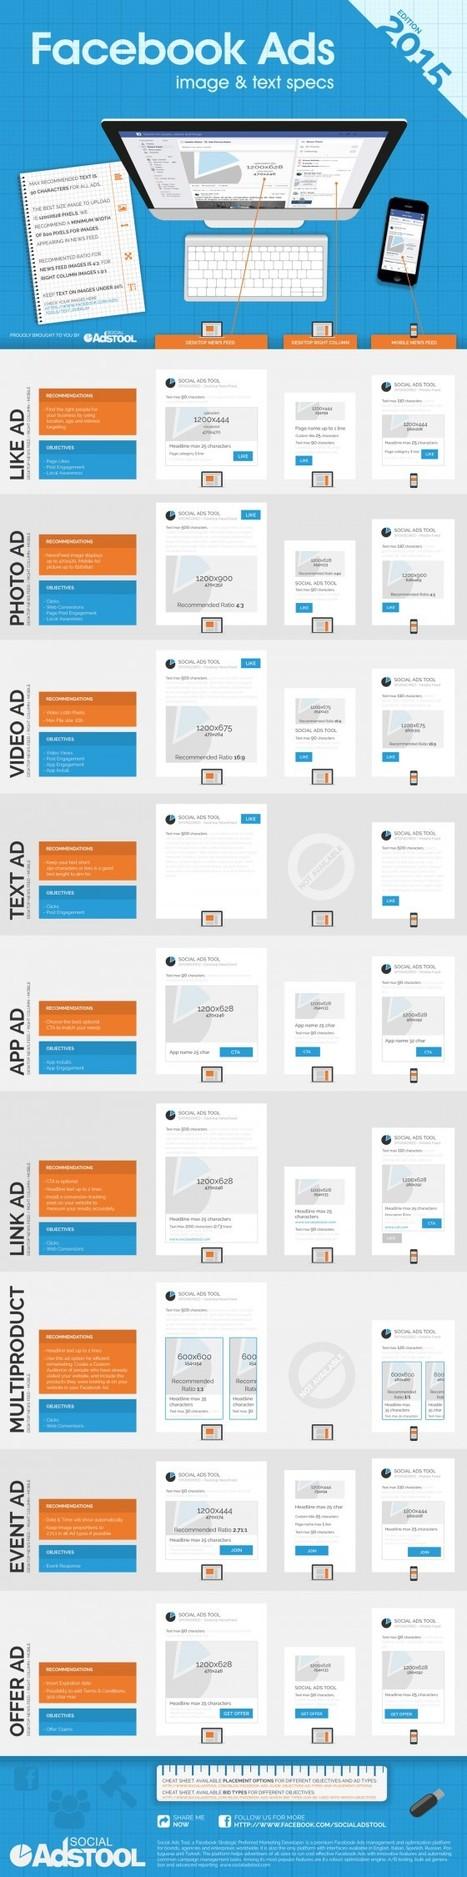 [Infographie] Le guide des spécifications pour les annonces Facebook | Social Media Curation par Mon-Habitat-Web.com | Scoop.it